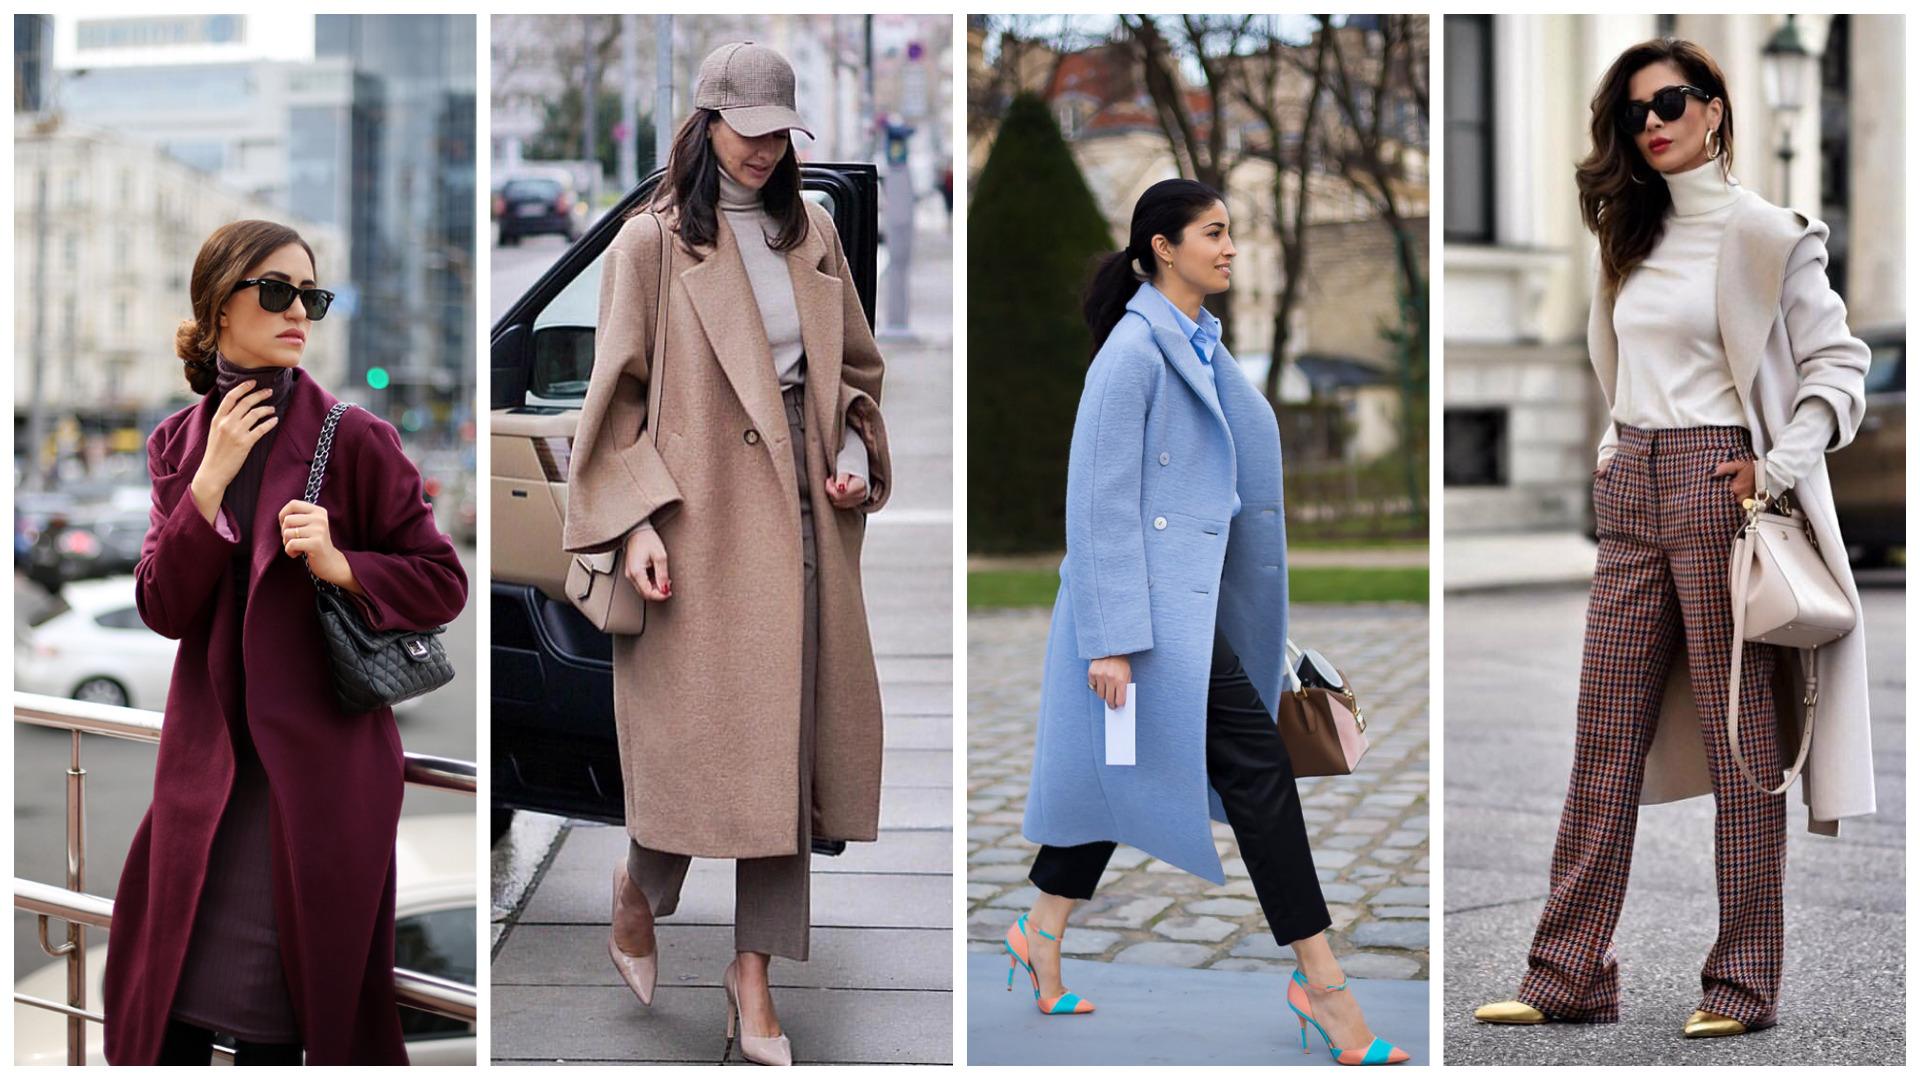 модные вещи на осень 2020, стильный женский гардероб на осень